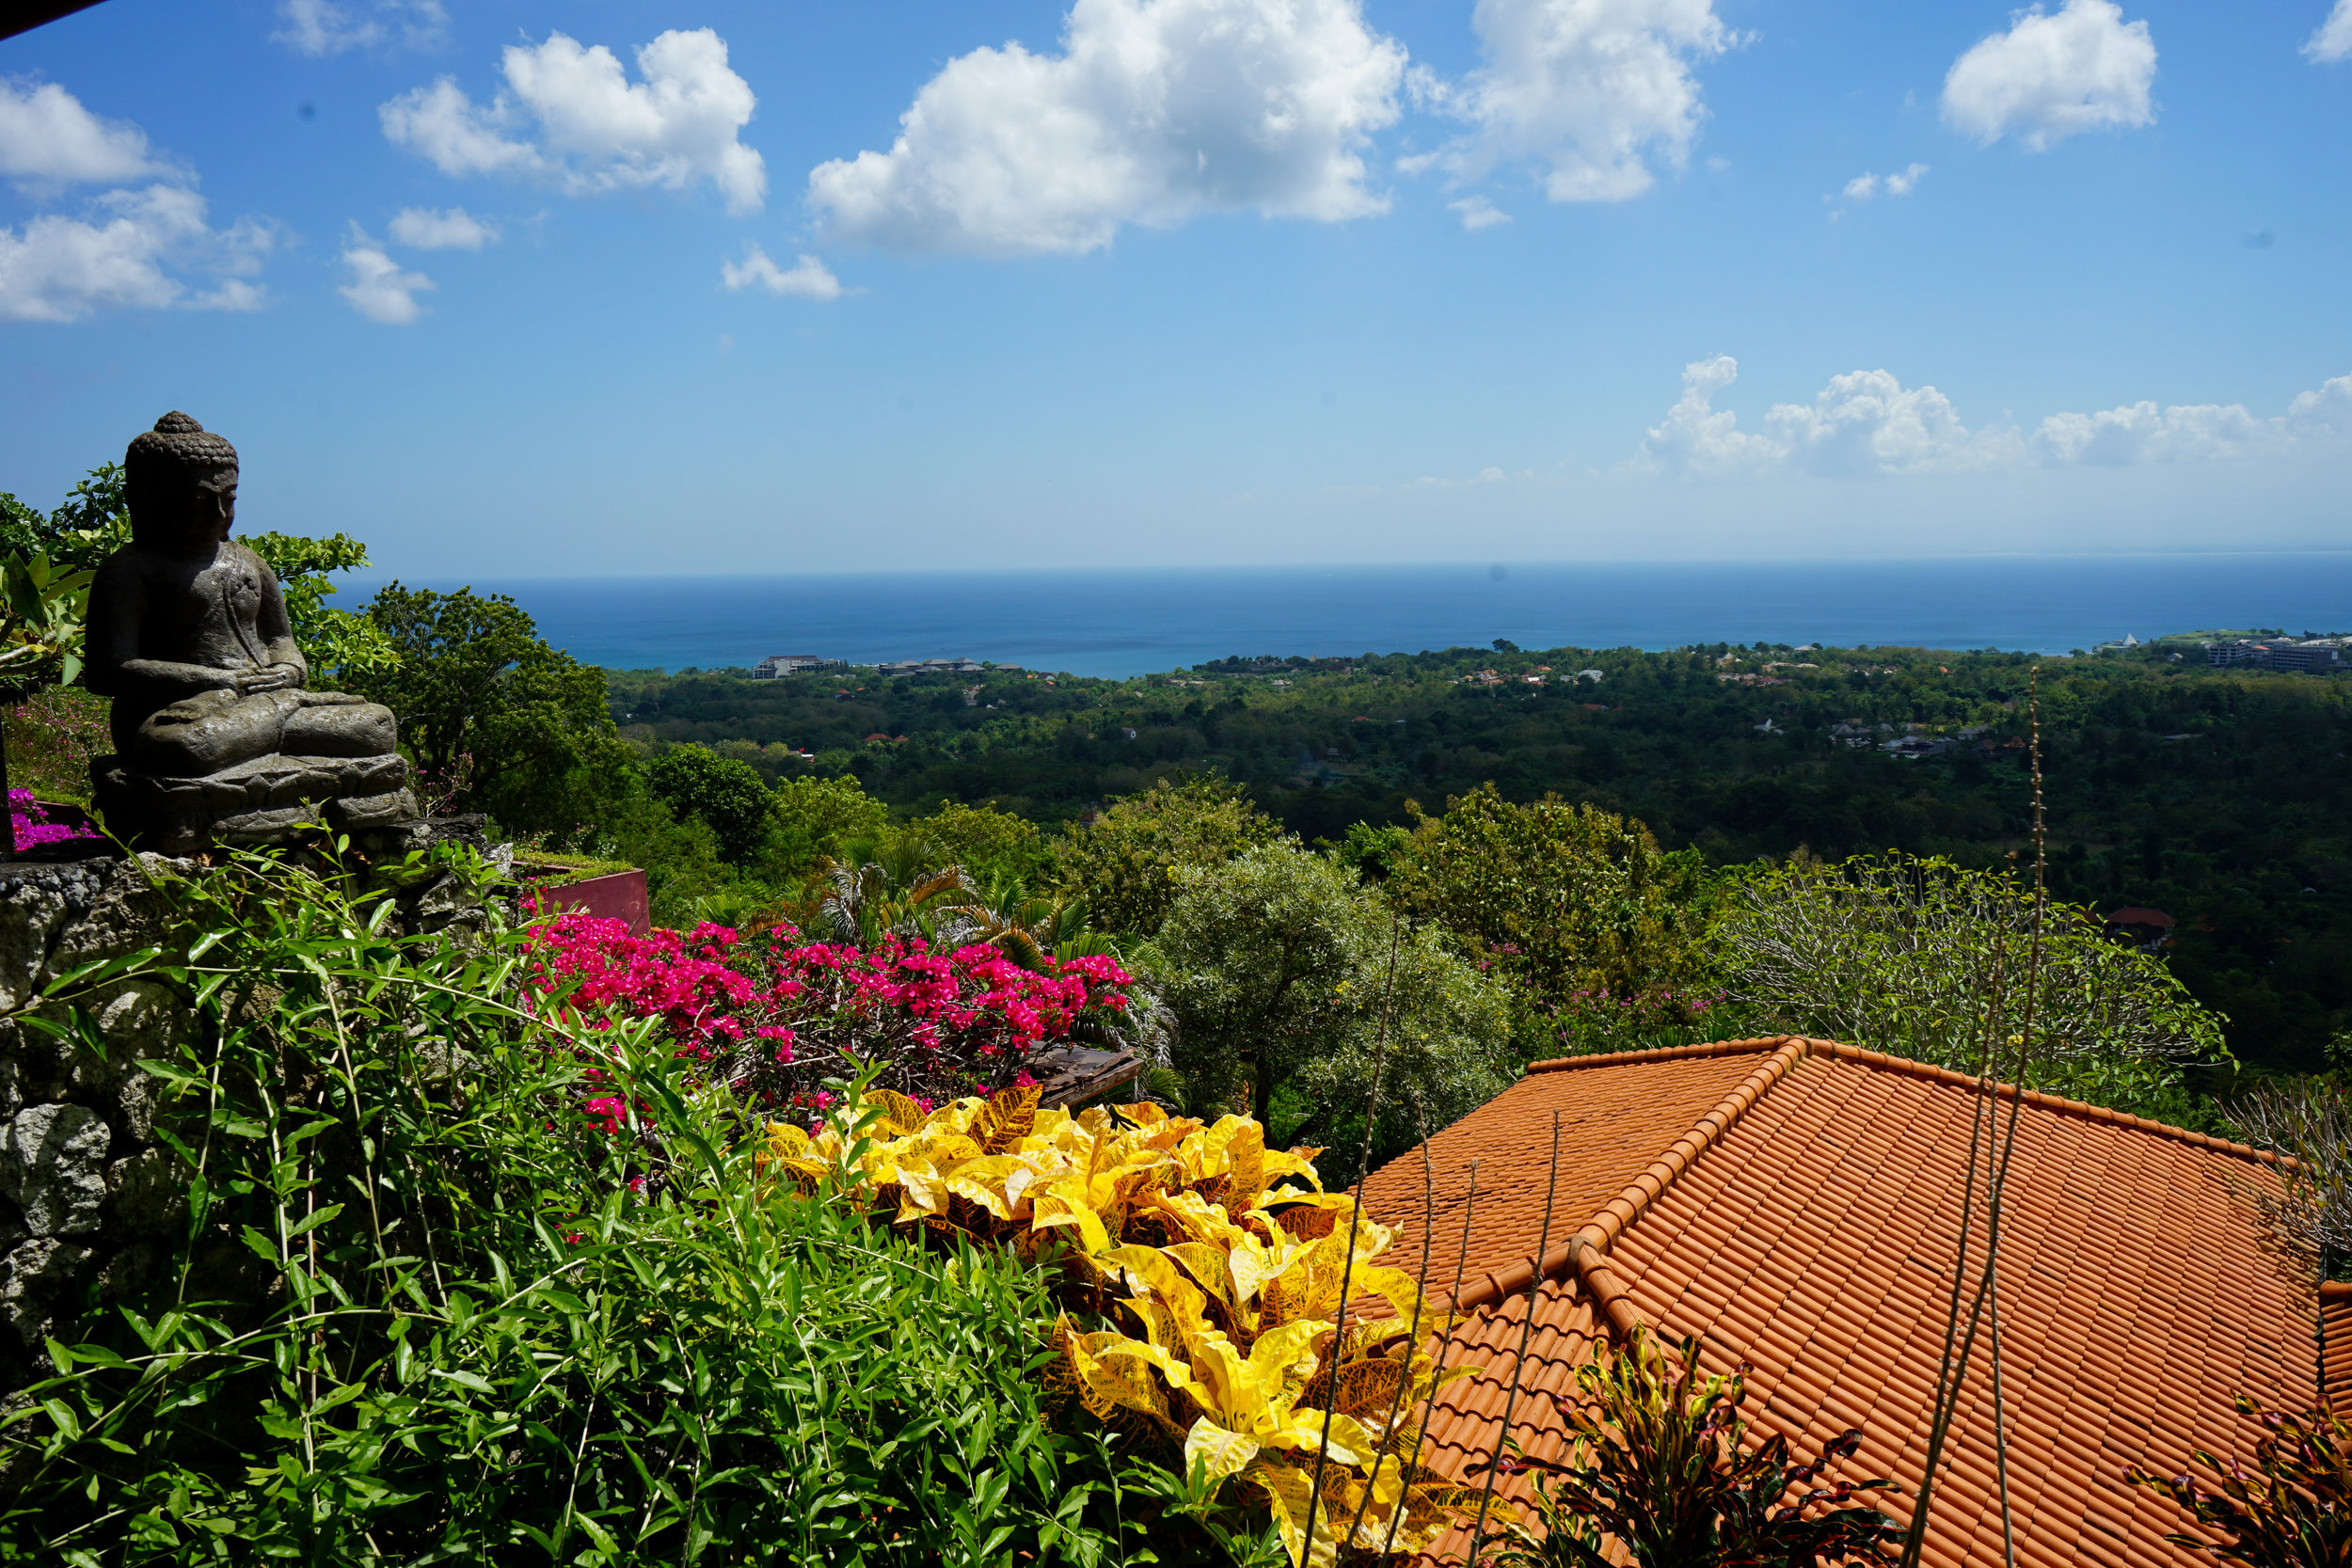 Views of Bali